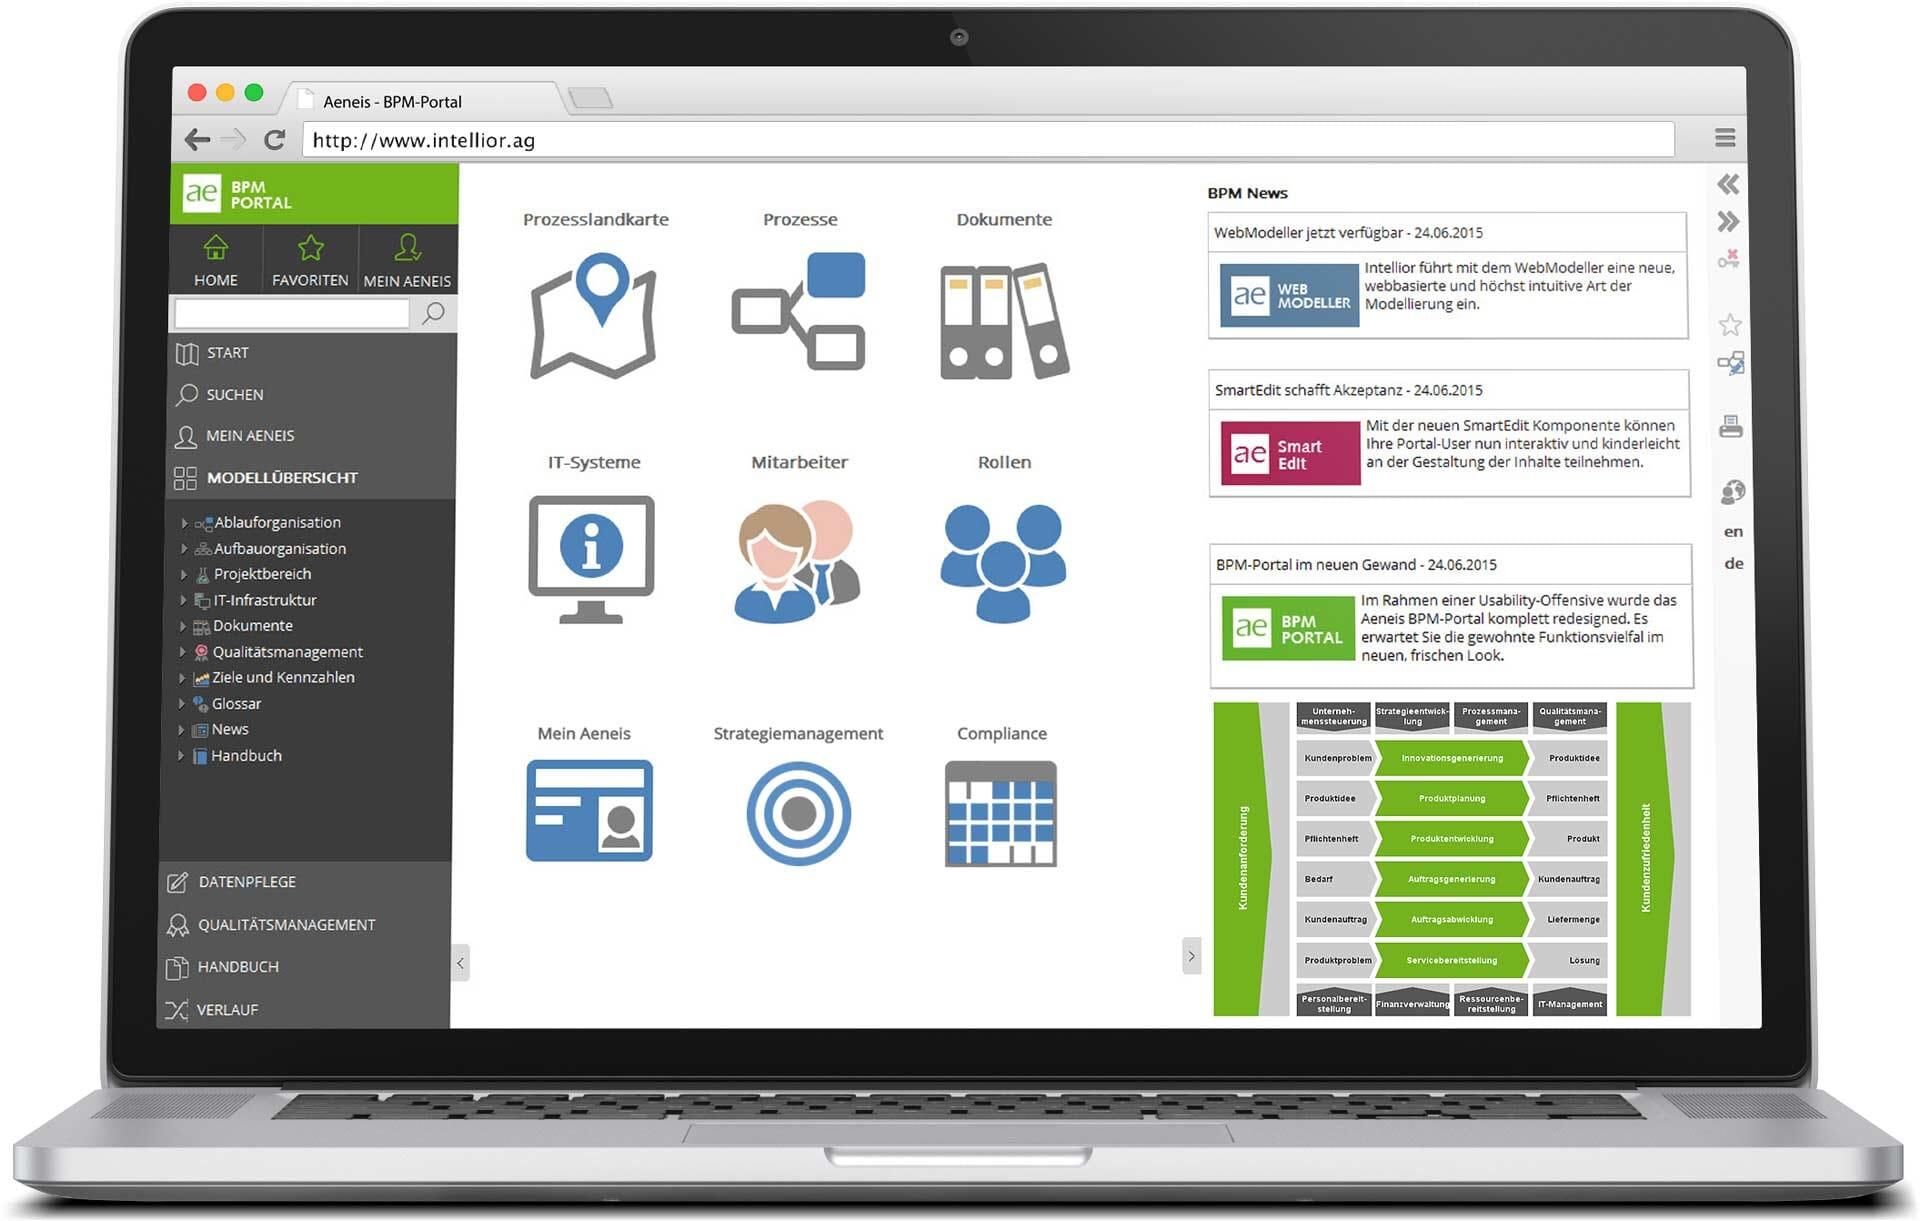 Aeneis BPM-Portal: Startseite mit Prozesslandkarte